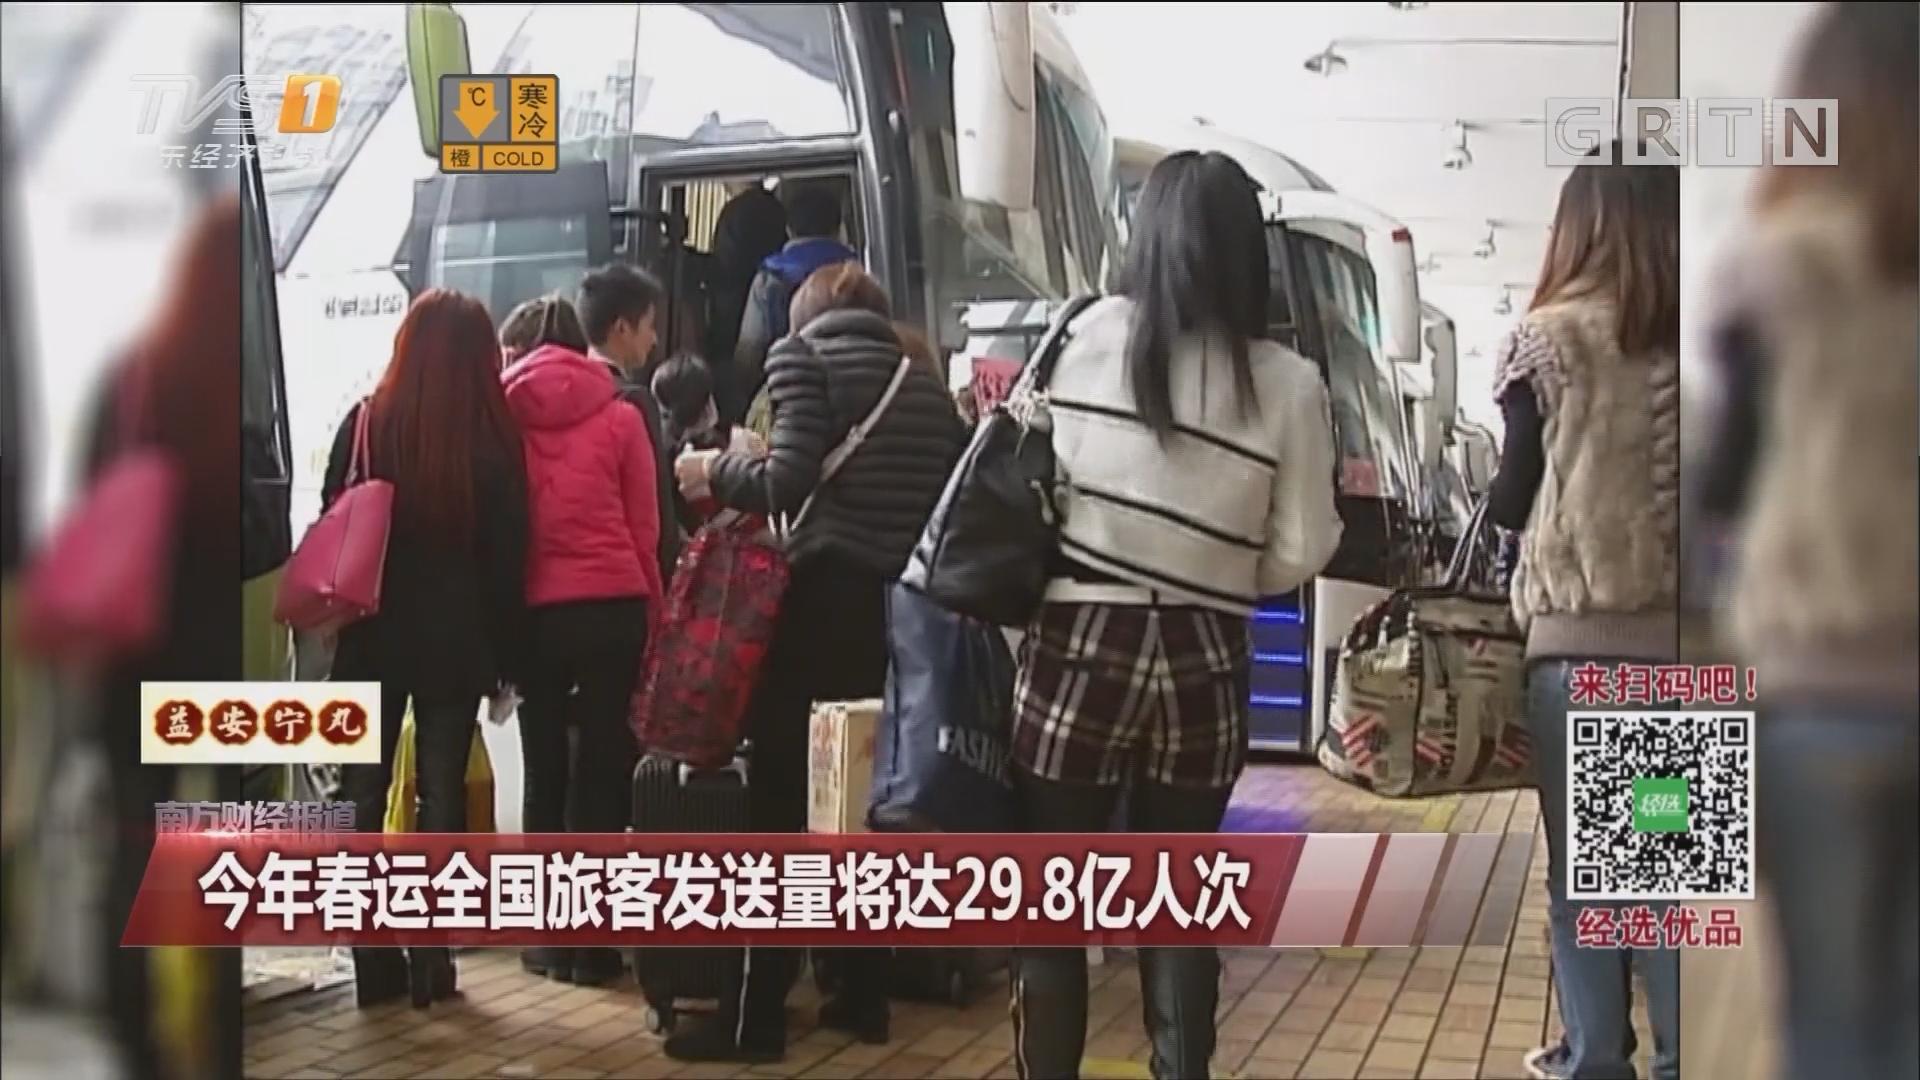 今年春运全国旅客发送量将达29.8亿人次